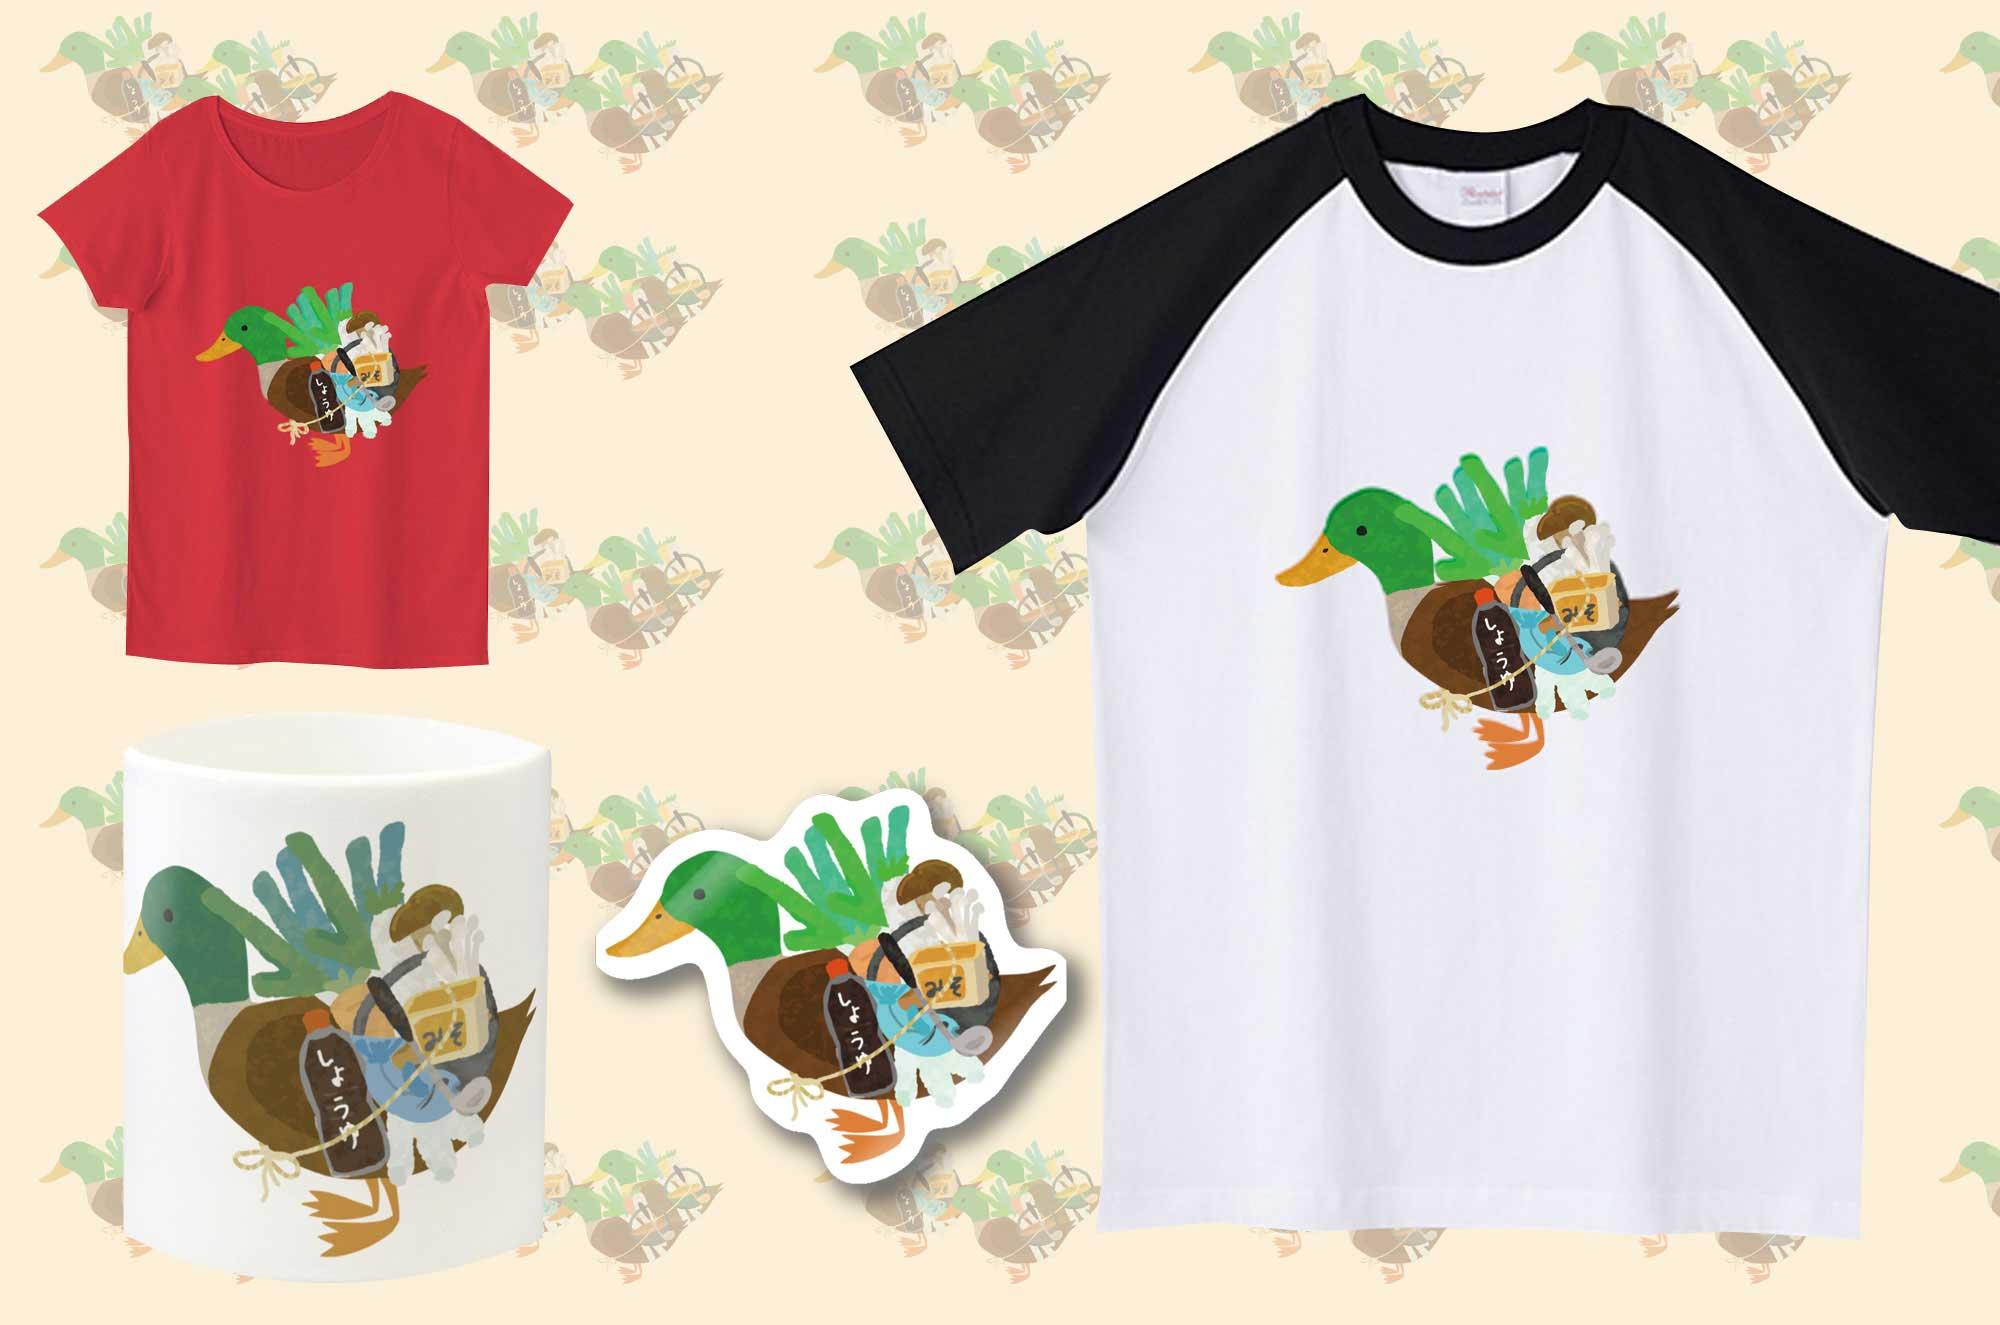 カモネギTシャツ -一石五鳥以上を背負った面白Tシャツ